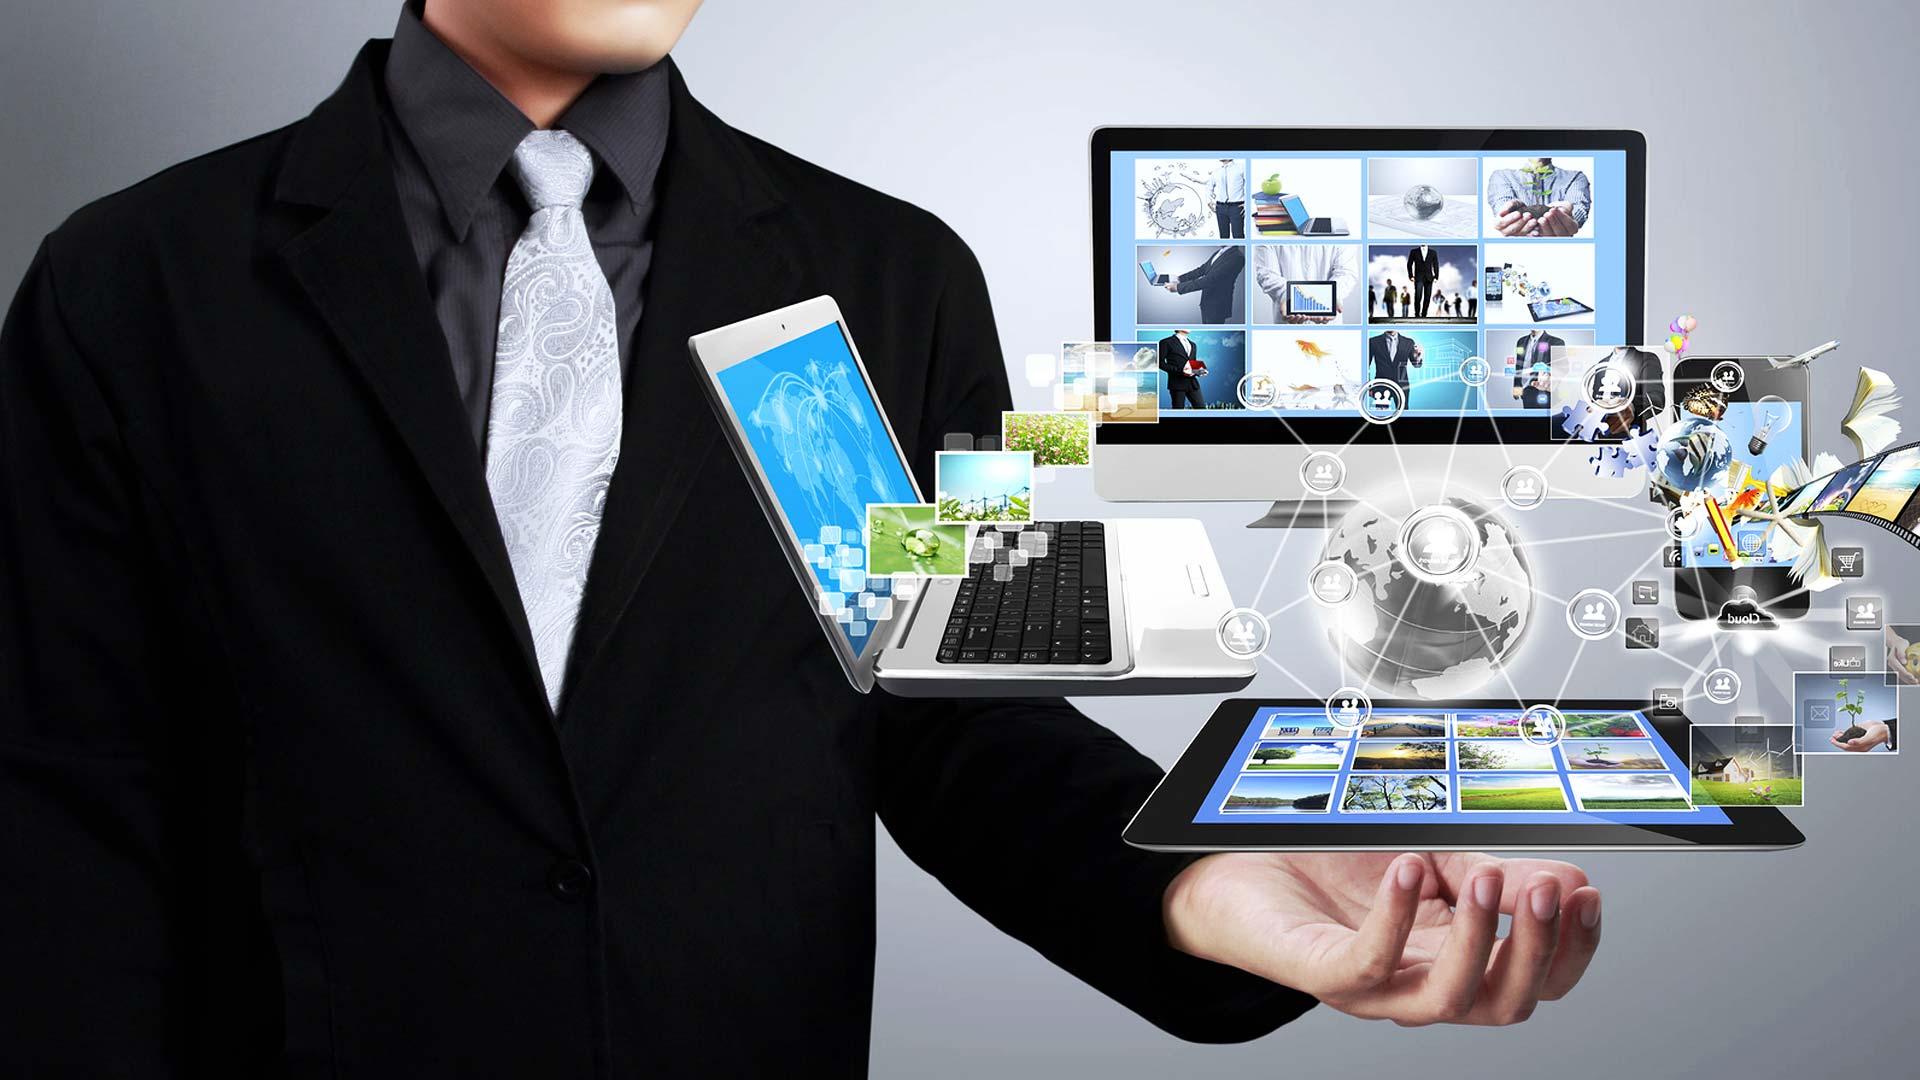 Создание эффективных сайтов для бизнеса сайт создания бесплатных чатов